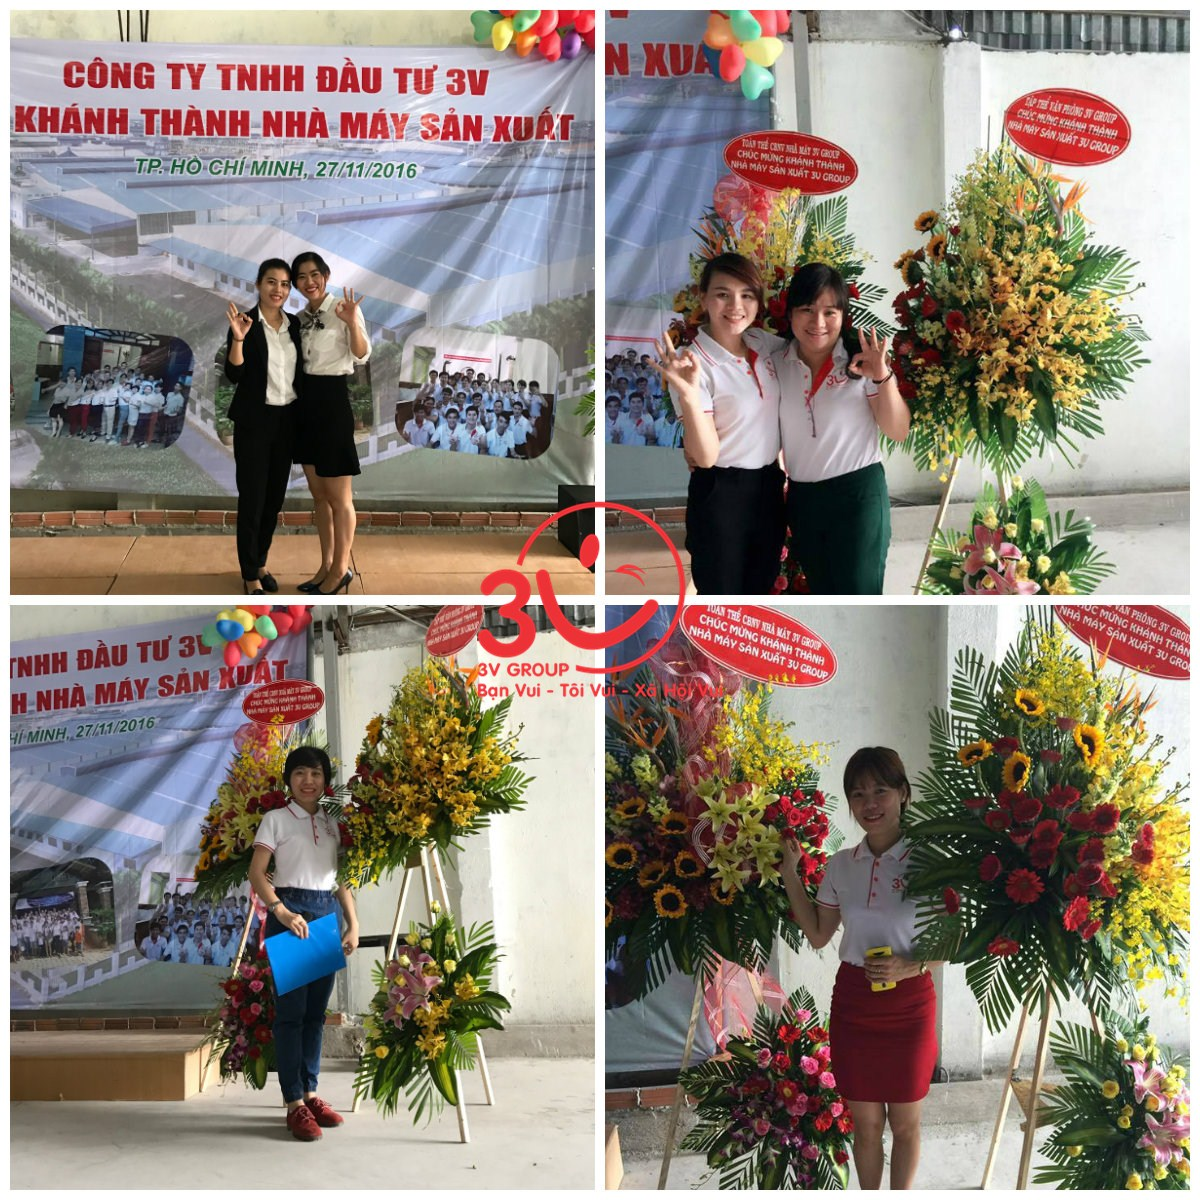 Lễ Khánh thành diễn ra trong sự hân hoan của cán bộ công nhân viên 3V